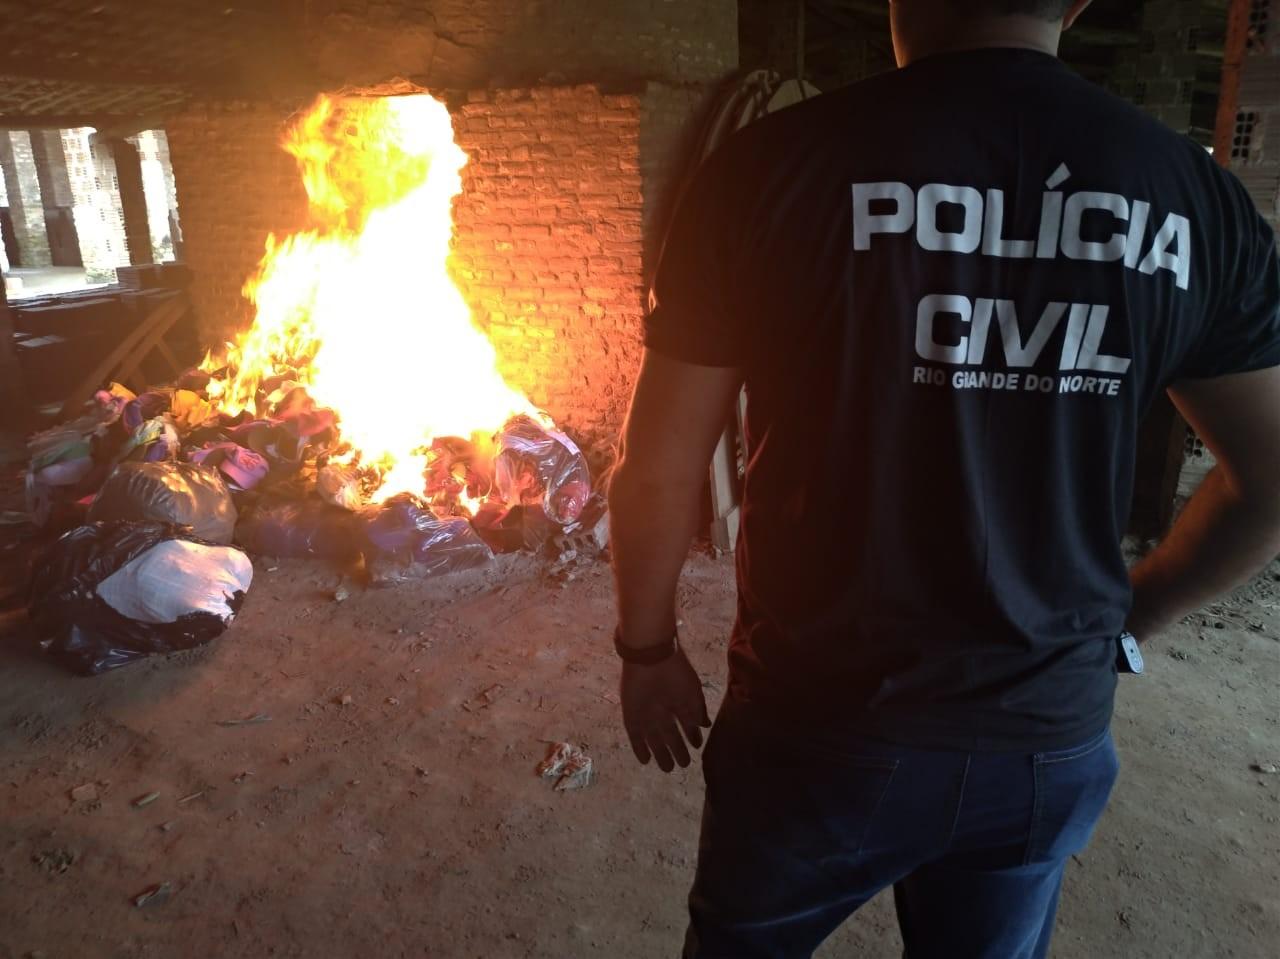 Polícia Civil incinera 52 mil bonés falsificados na Grande Natal - Notícias - Plantão Diário